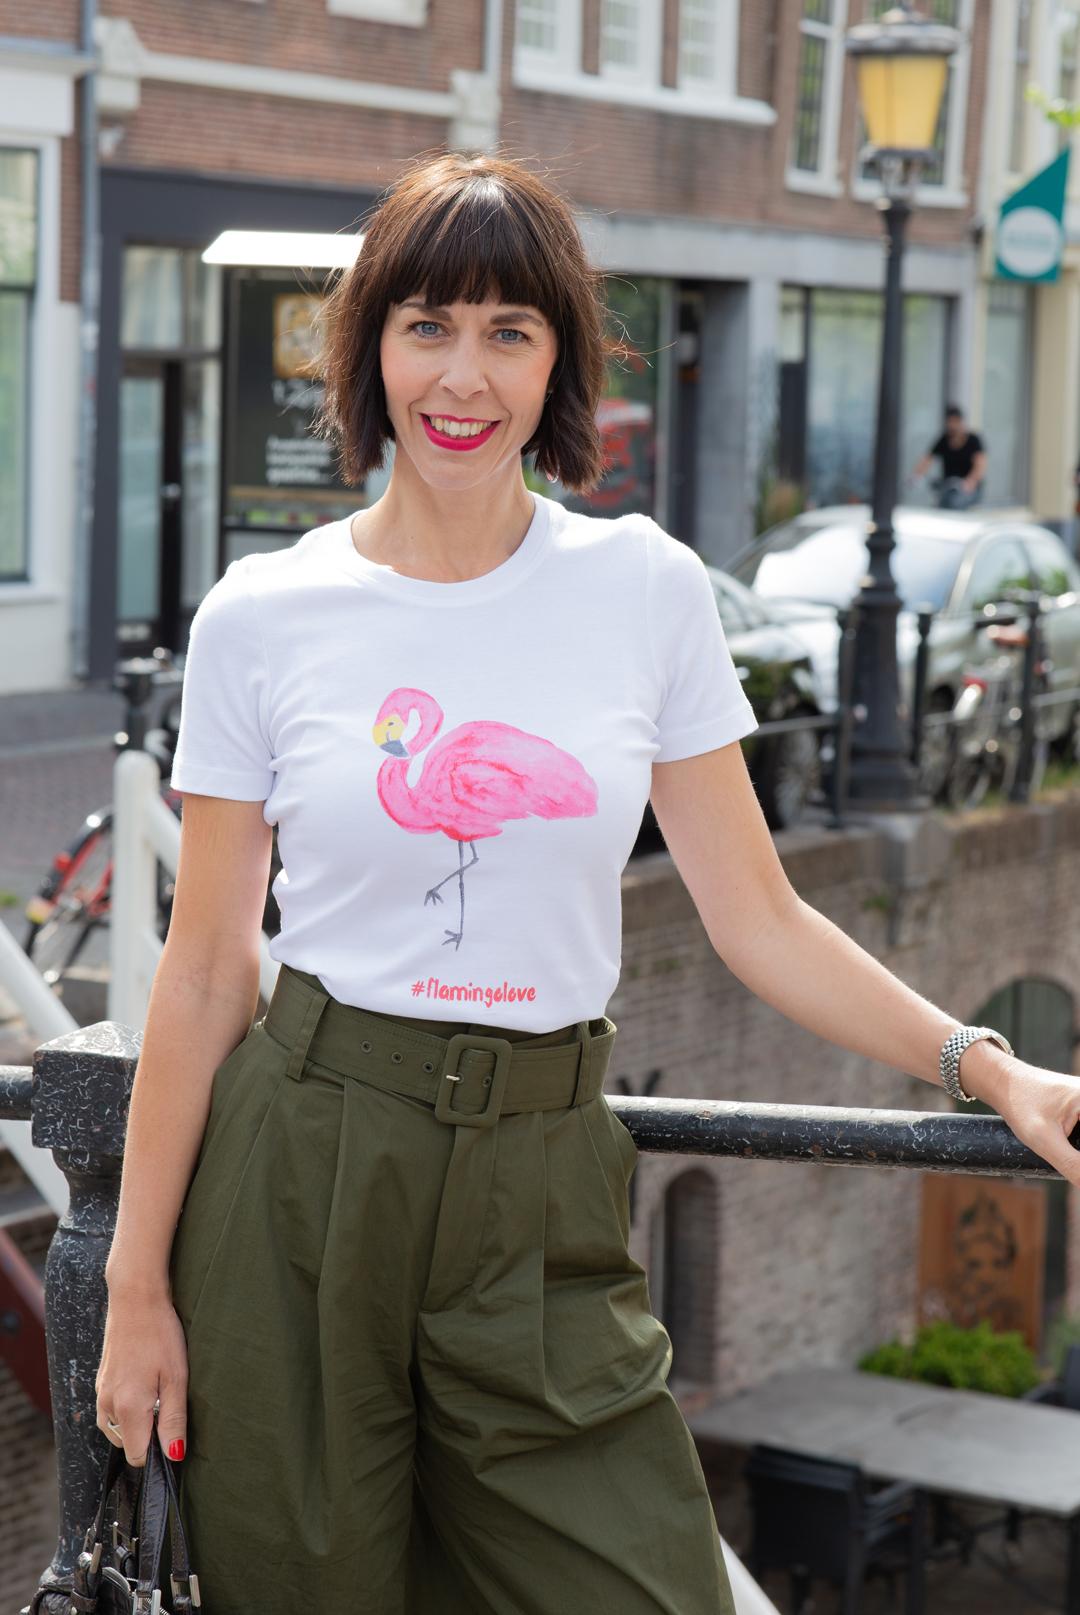 Flamingolove 2019 mein eigenes designtes T-Shirt